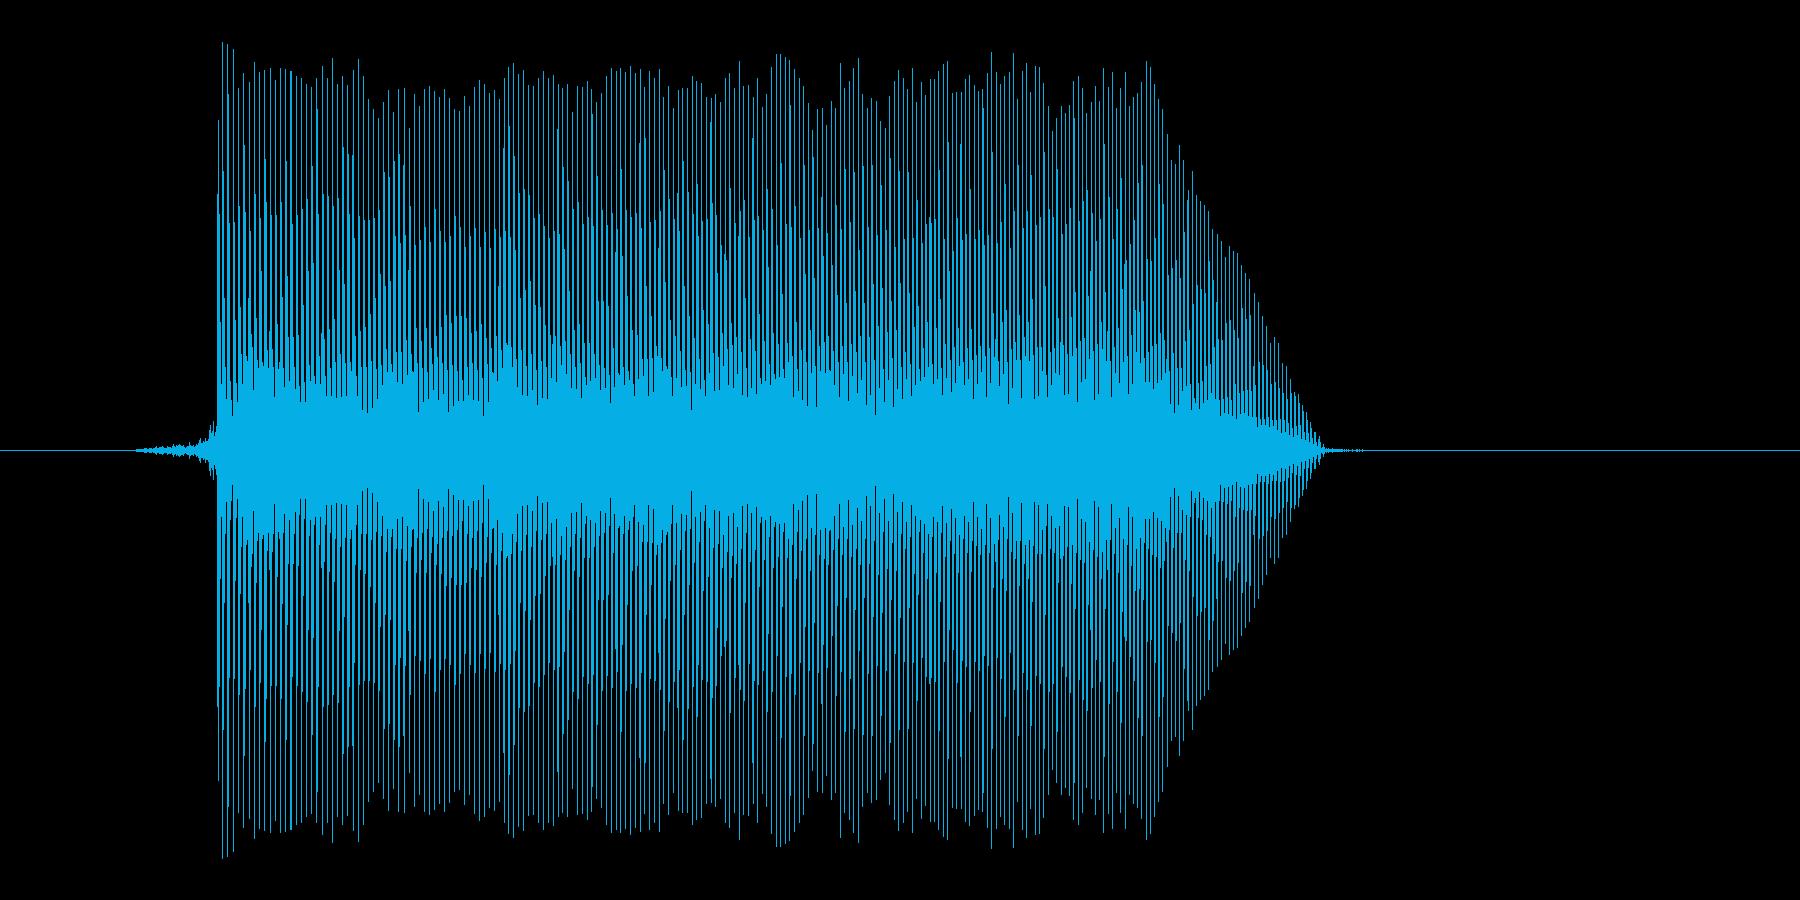 ゲーム(ファミコン風)ジャンプ音_029の再生済みの波形